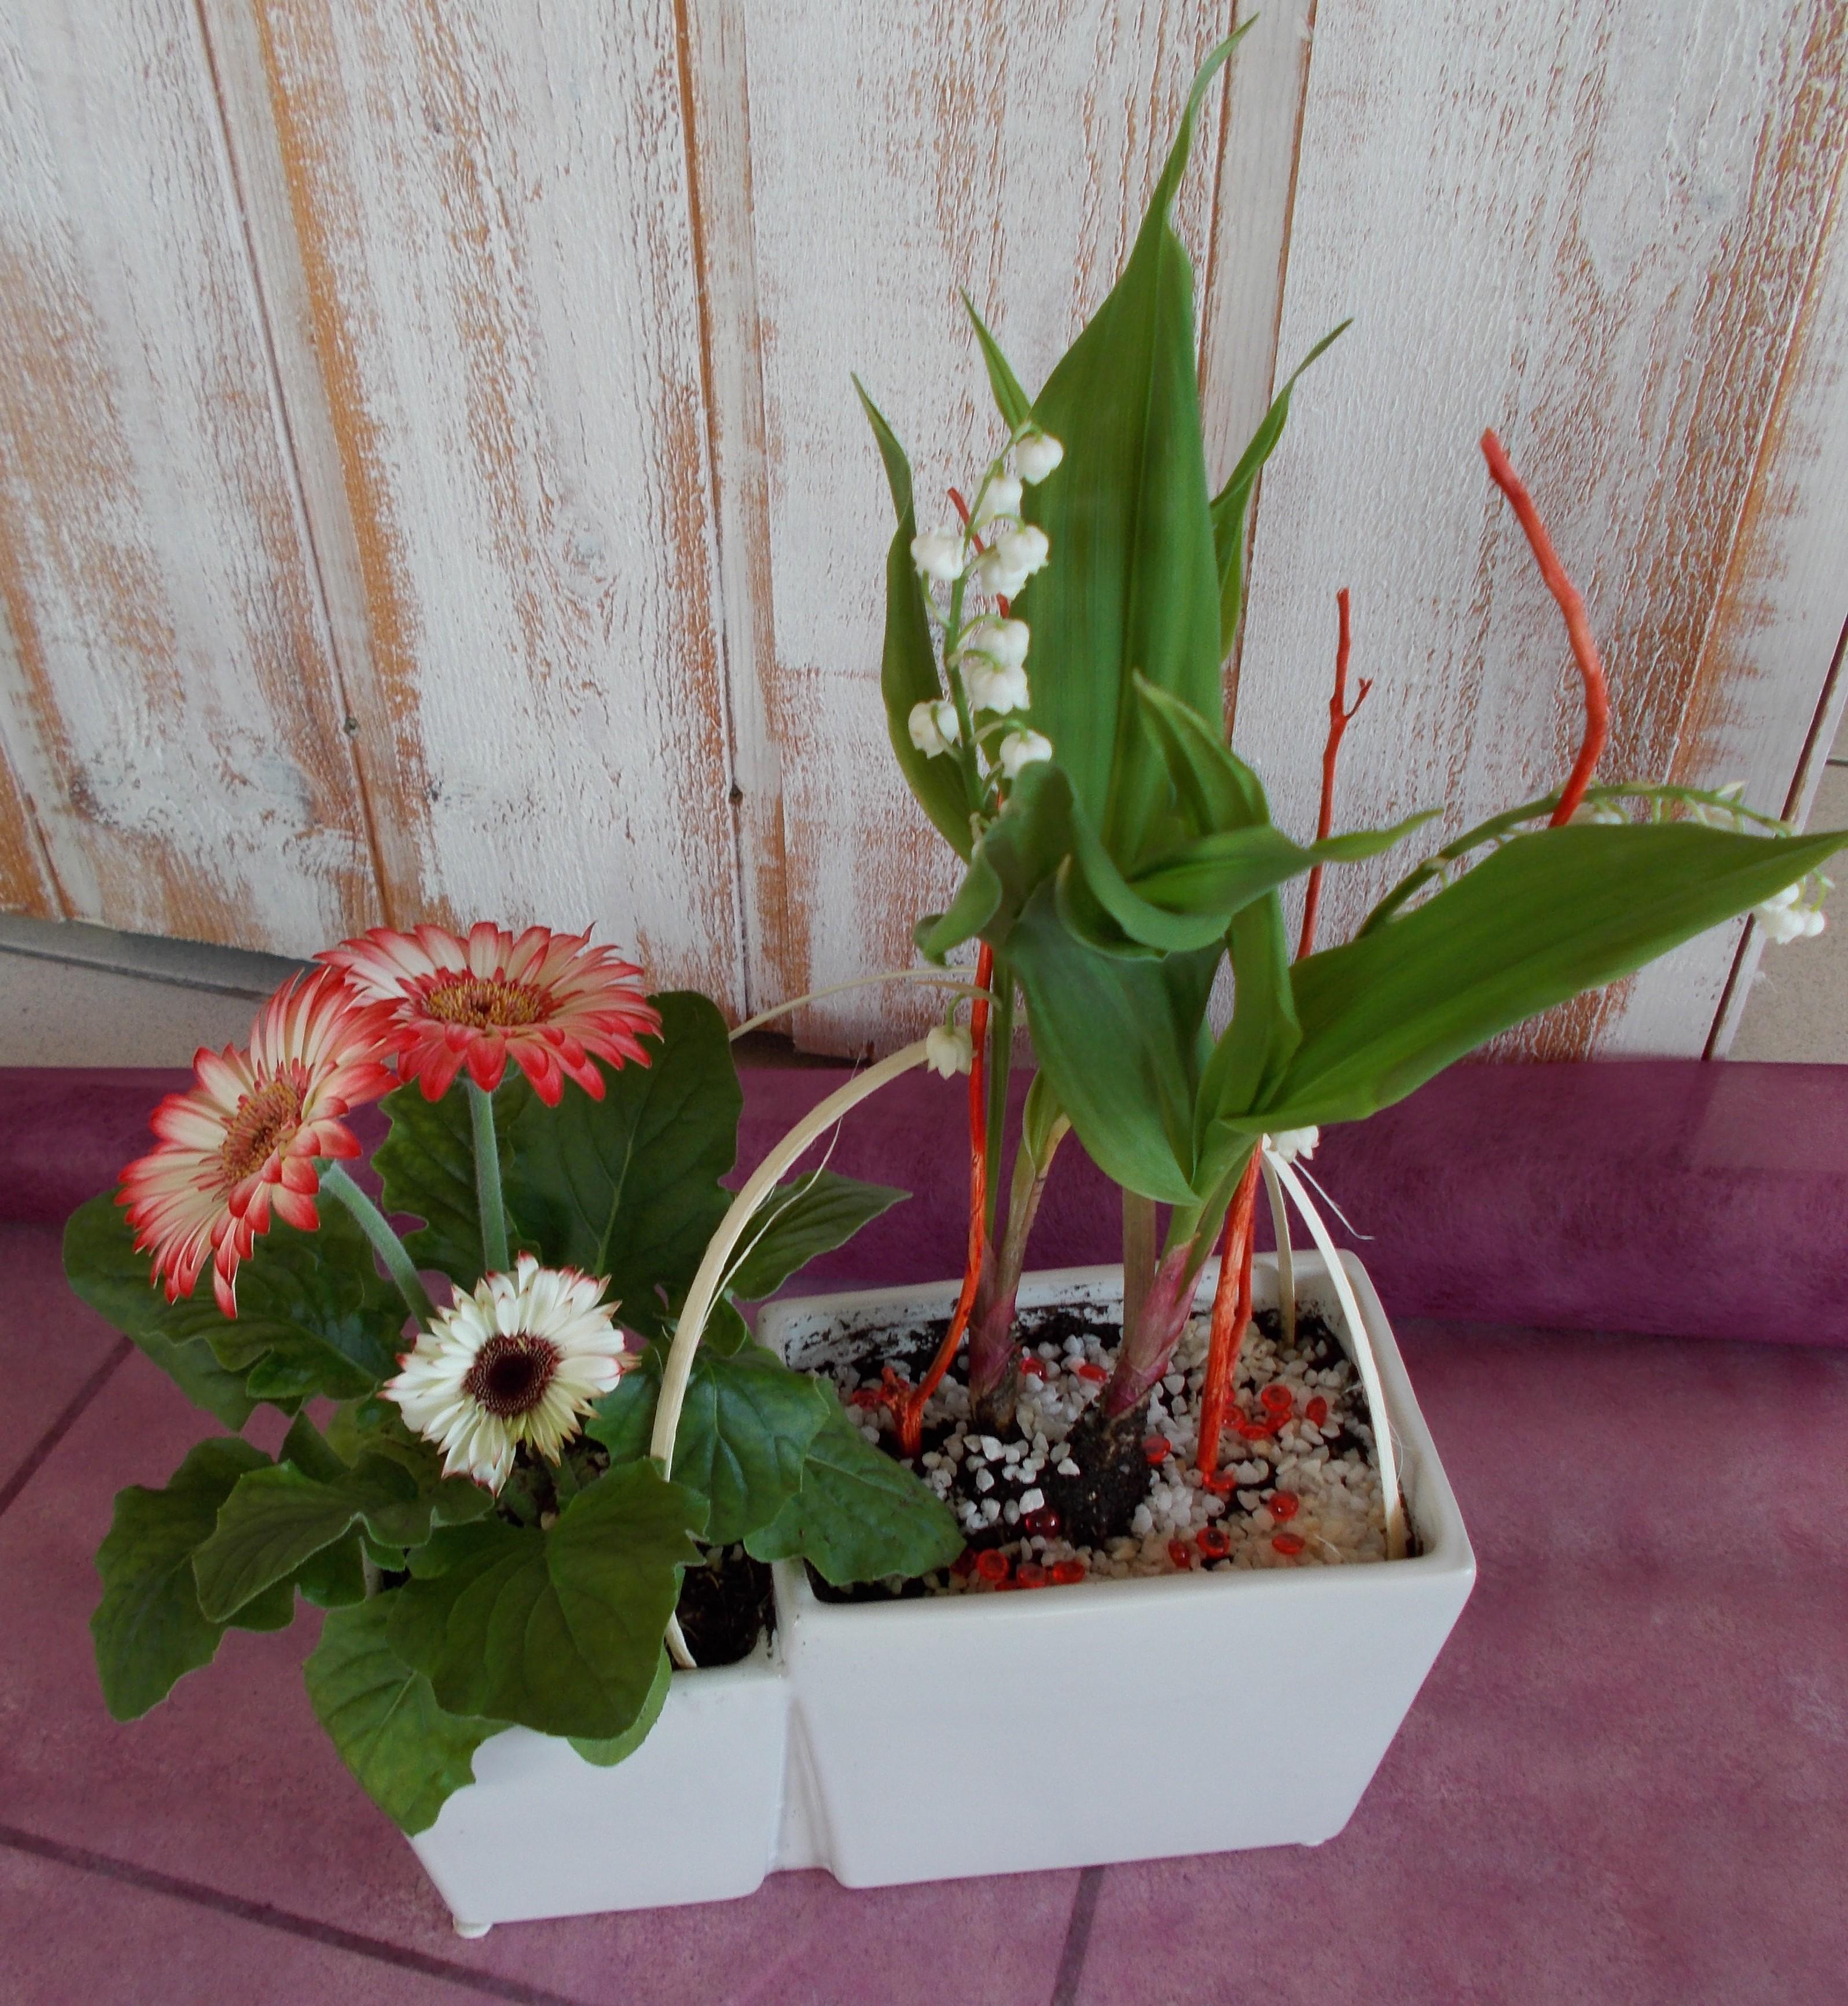 Le muguet porte-bonheur | Fleurs de Riez